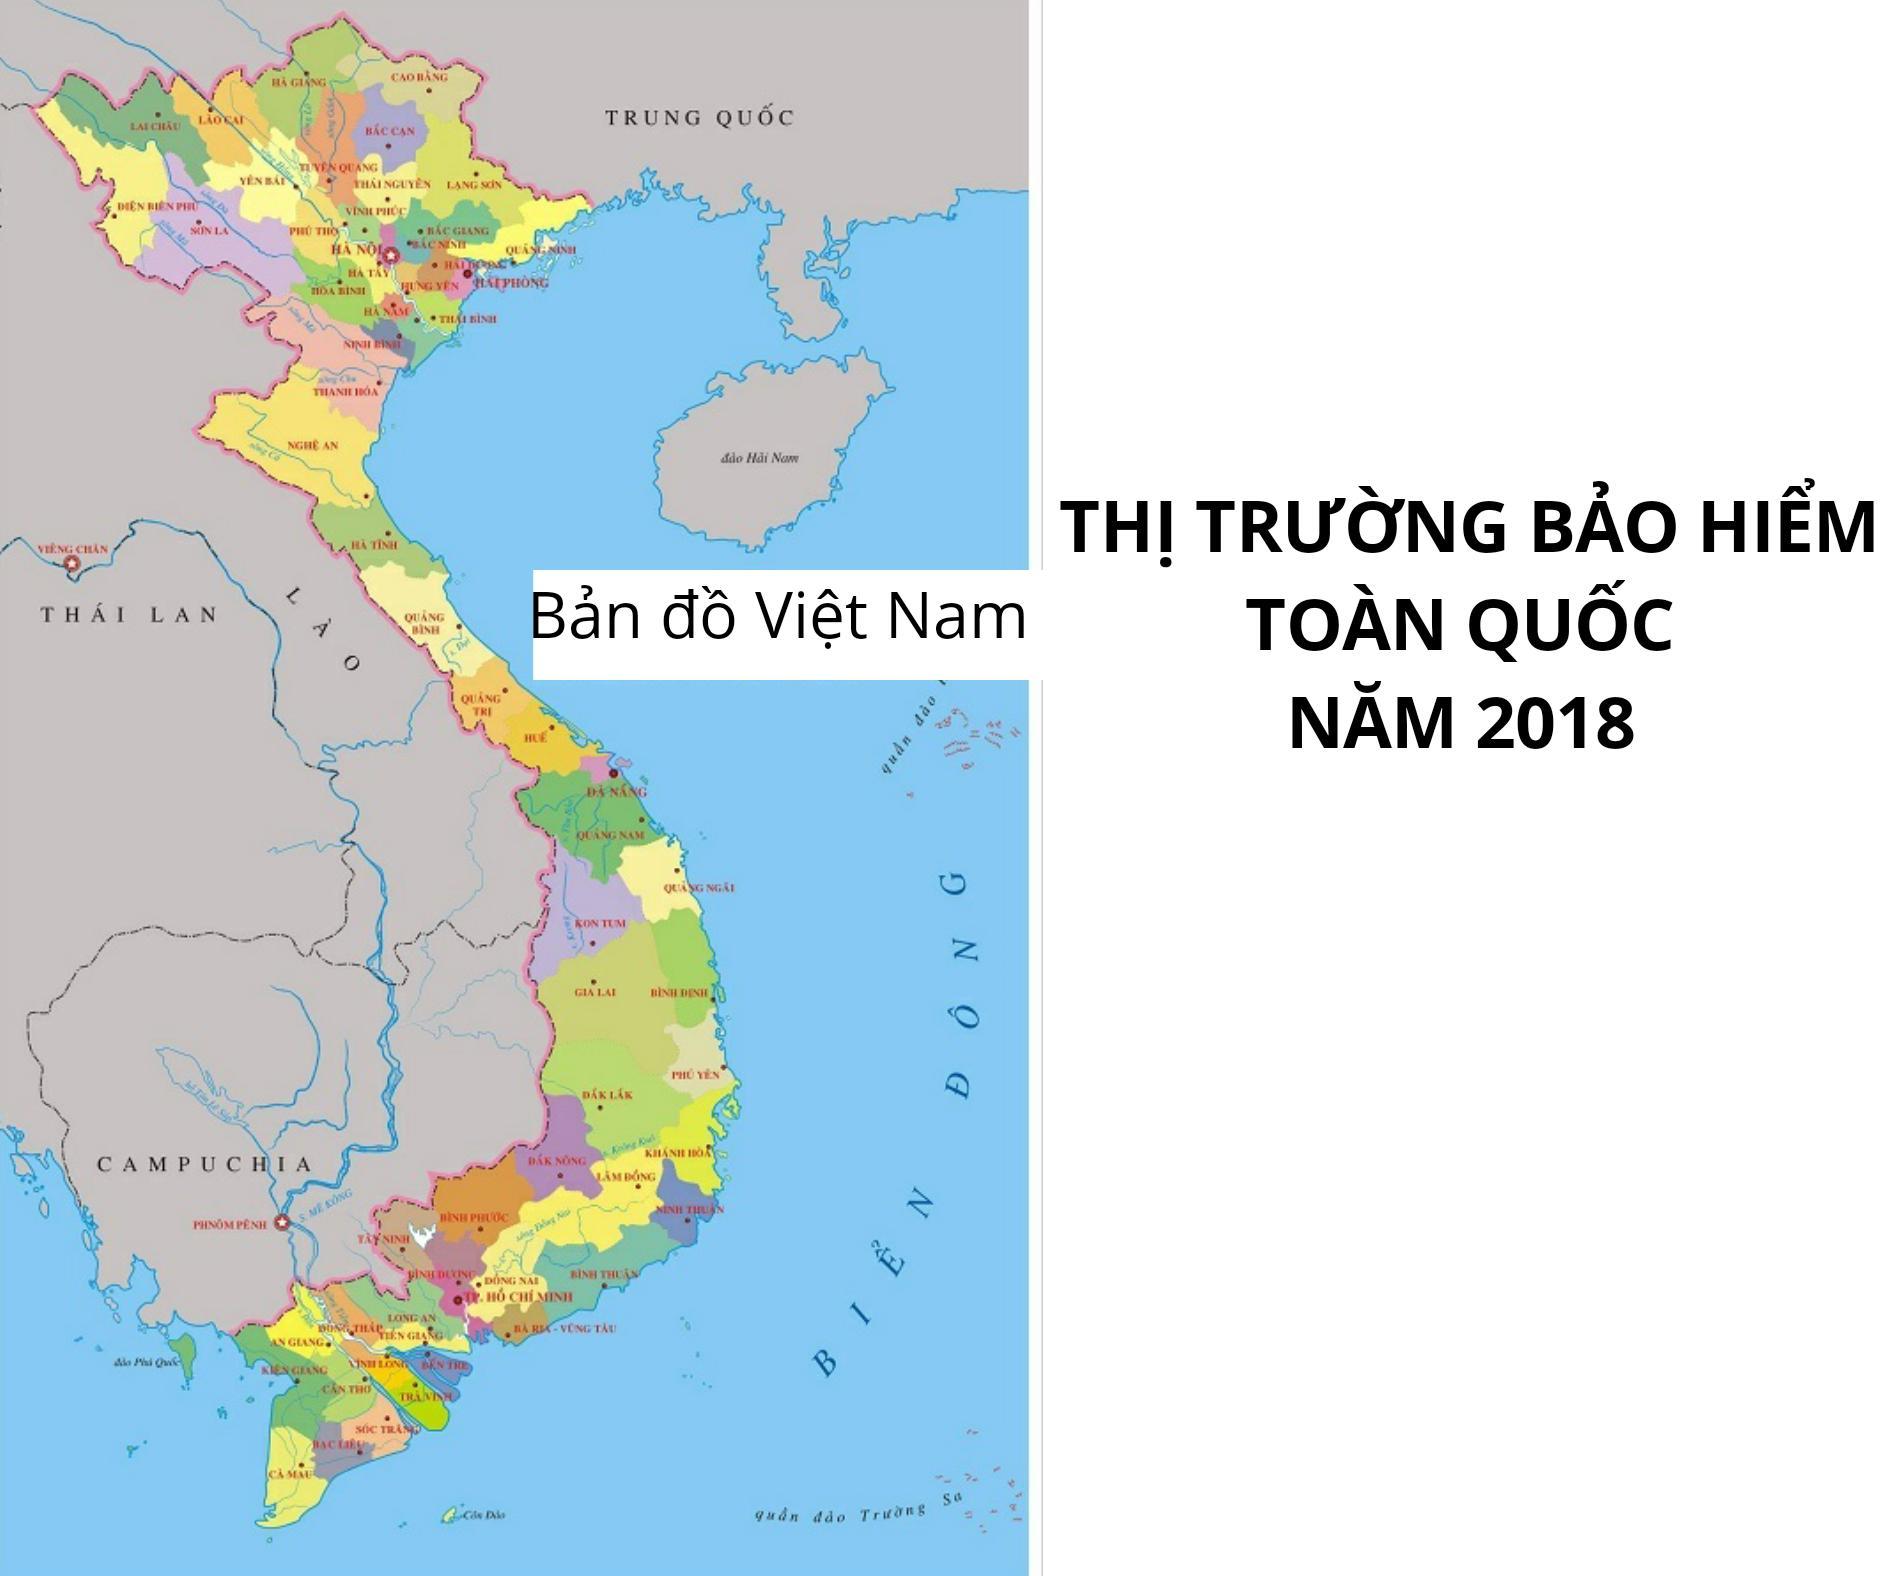 THÔNG TIN THỊ TRƯỜNG BẢO HIỂM VIỆT NAM NĂM 2018